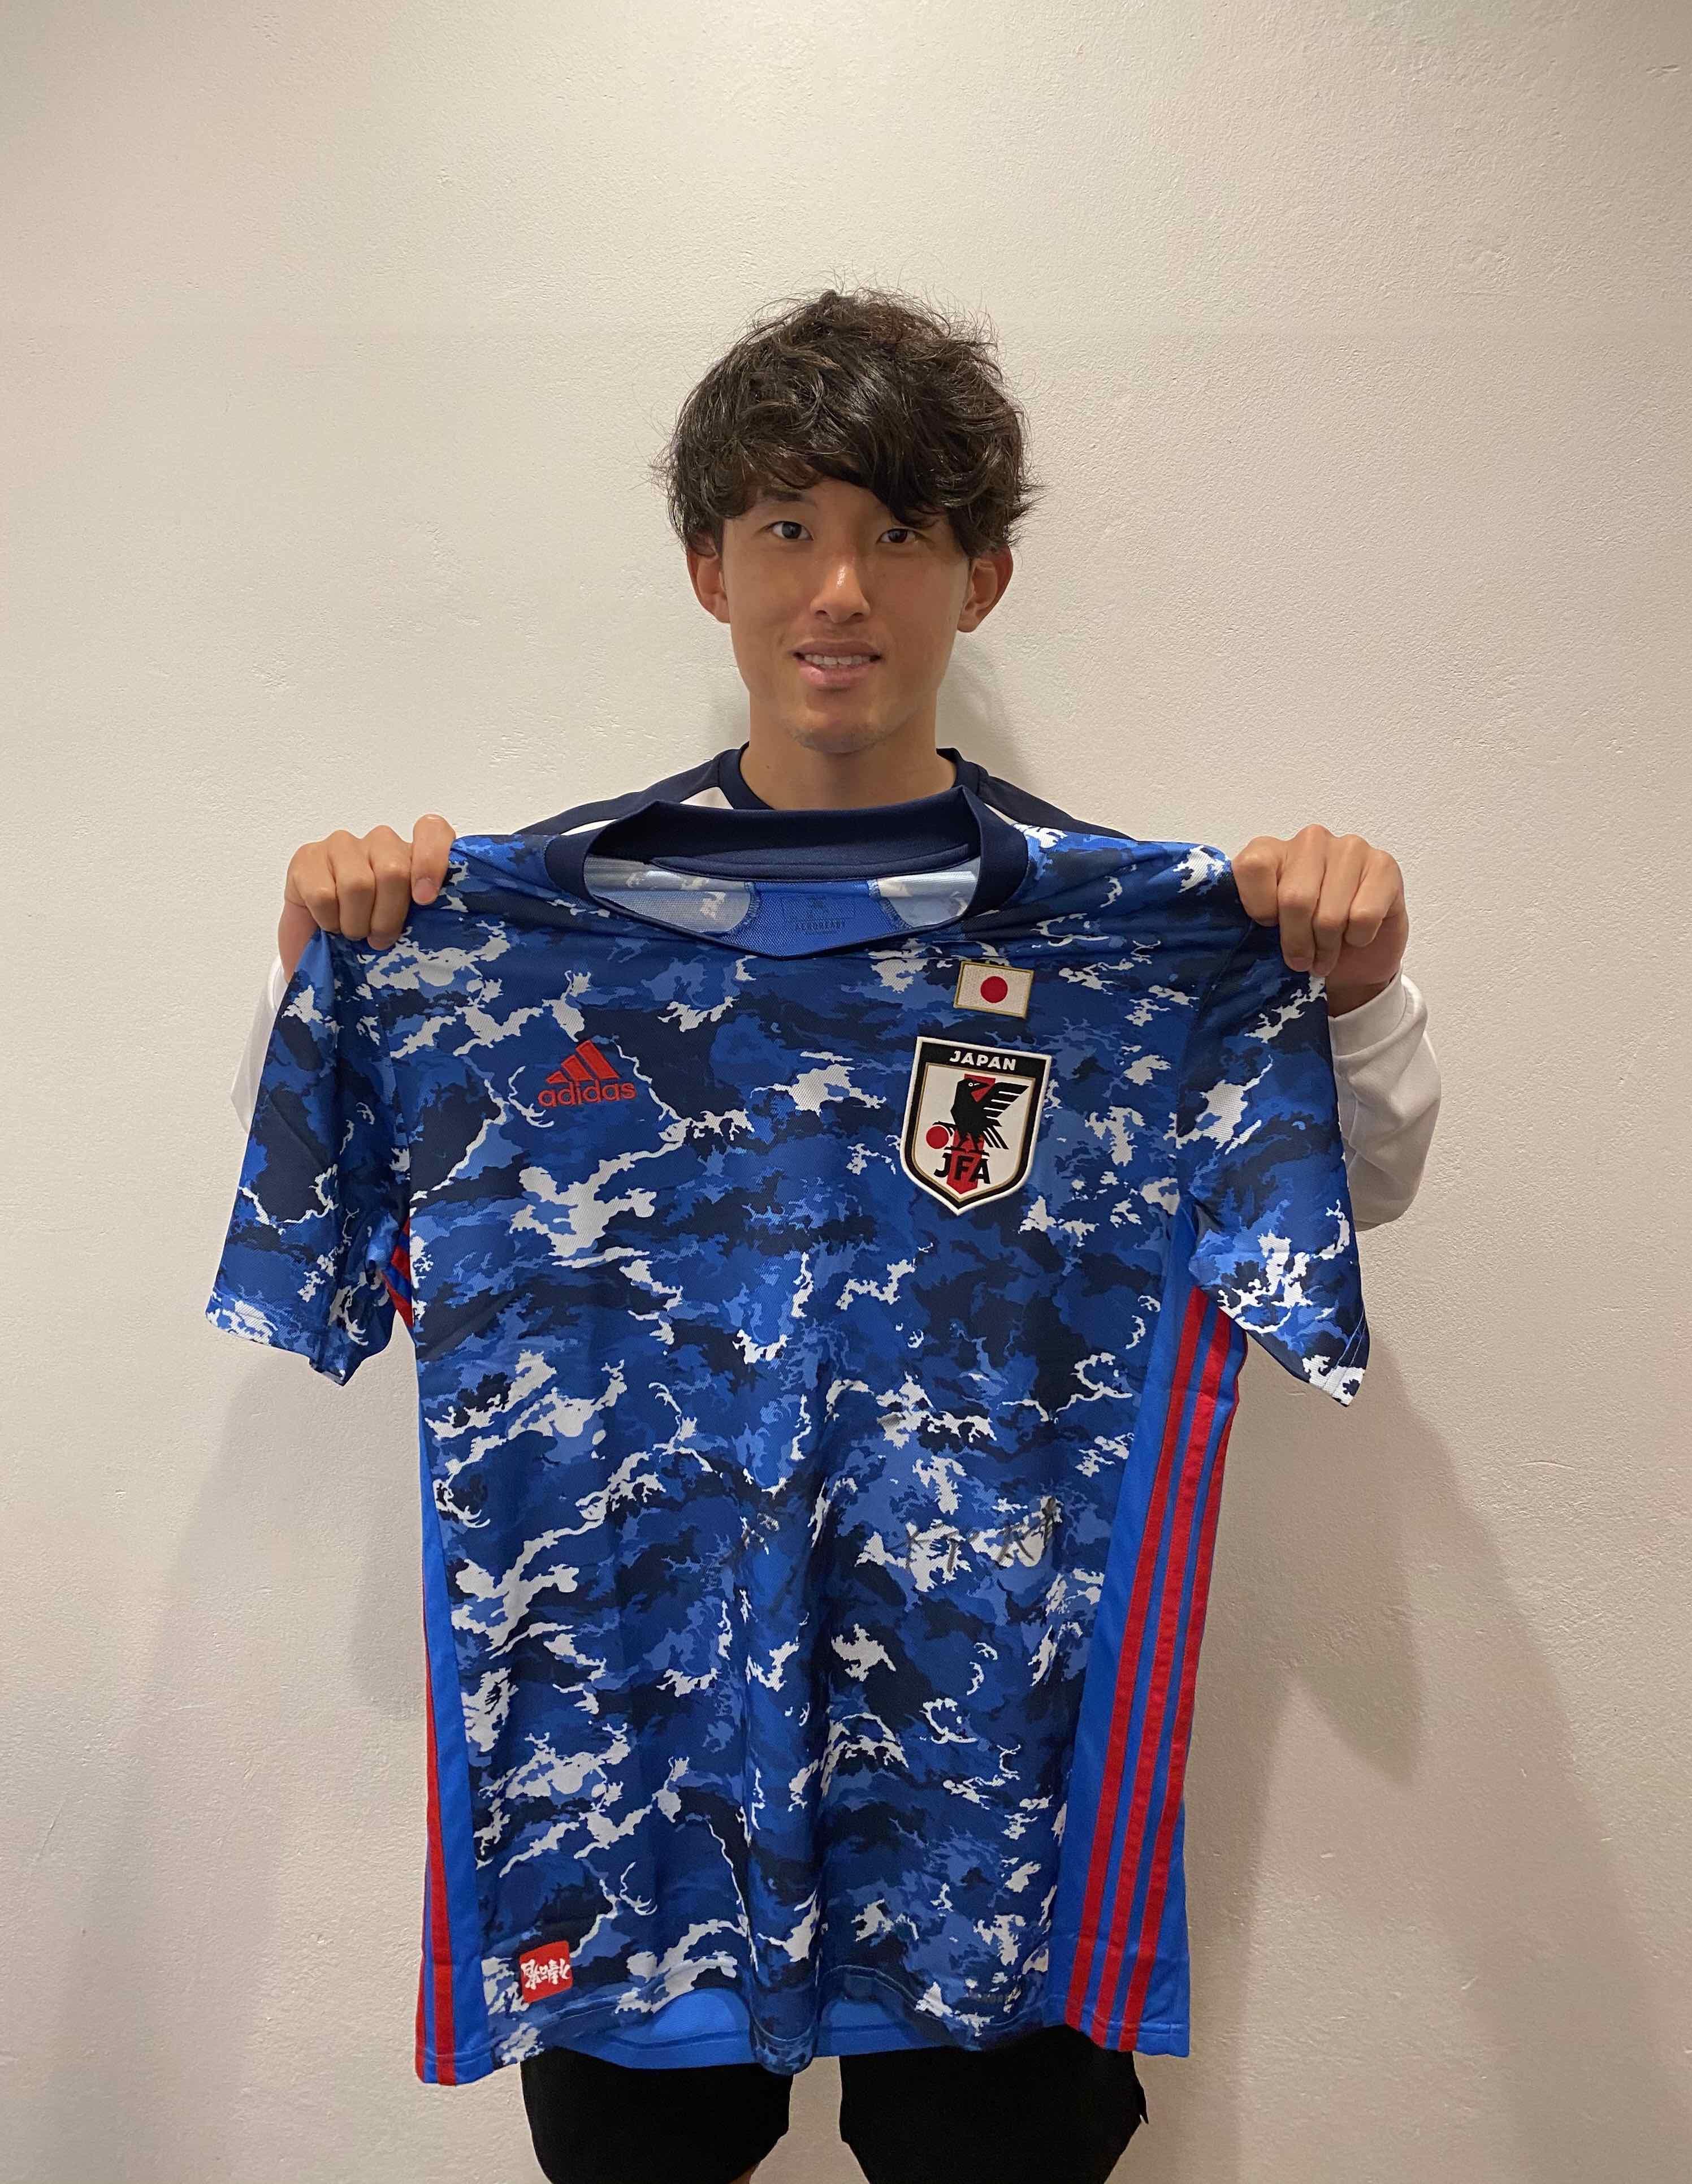 【直筆サイン入り公式】U-23日本代表 平戸 太貴 選手(FC町田ゼルビア)